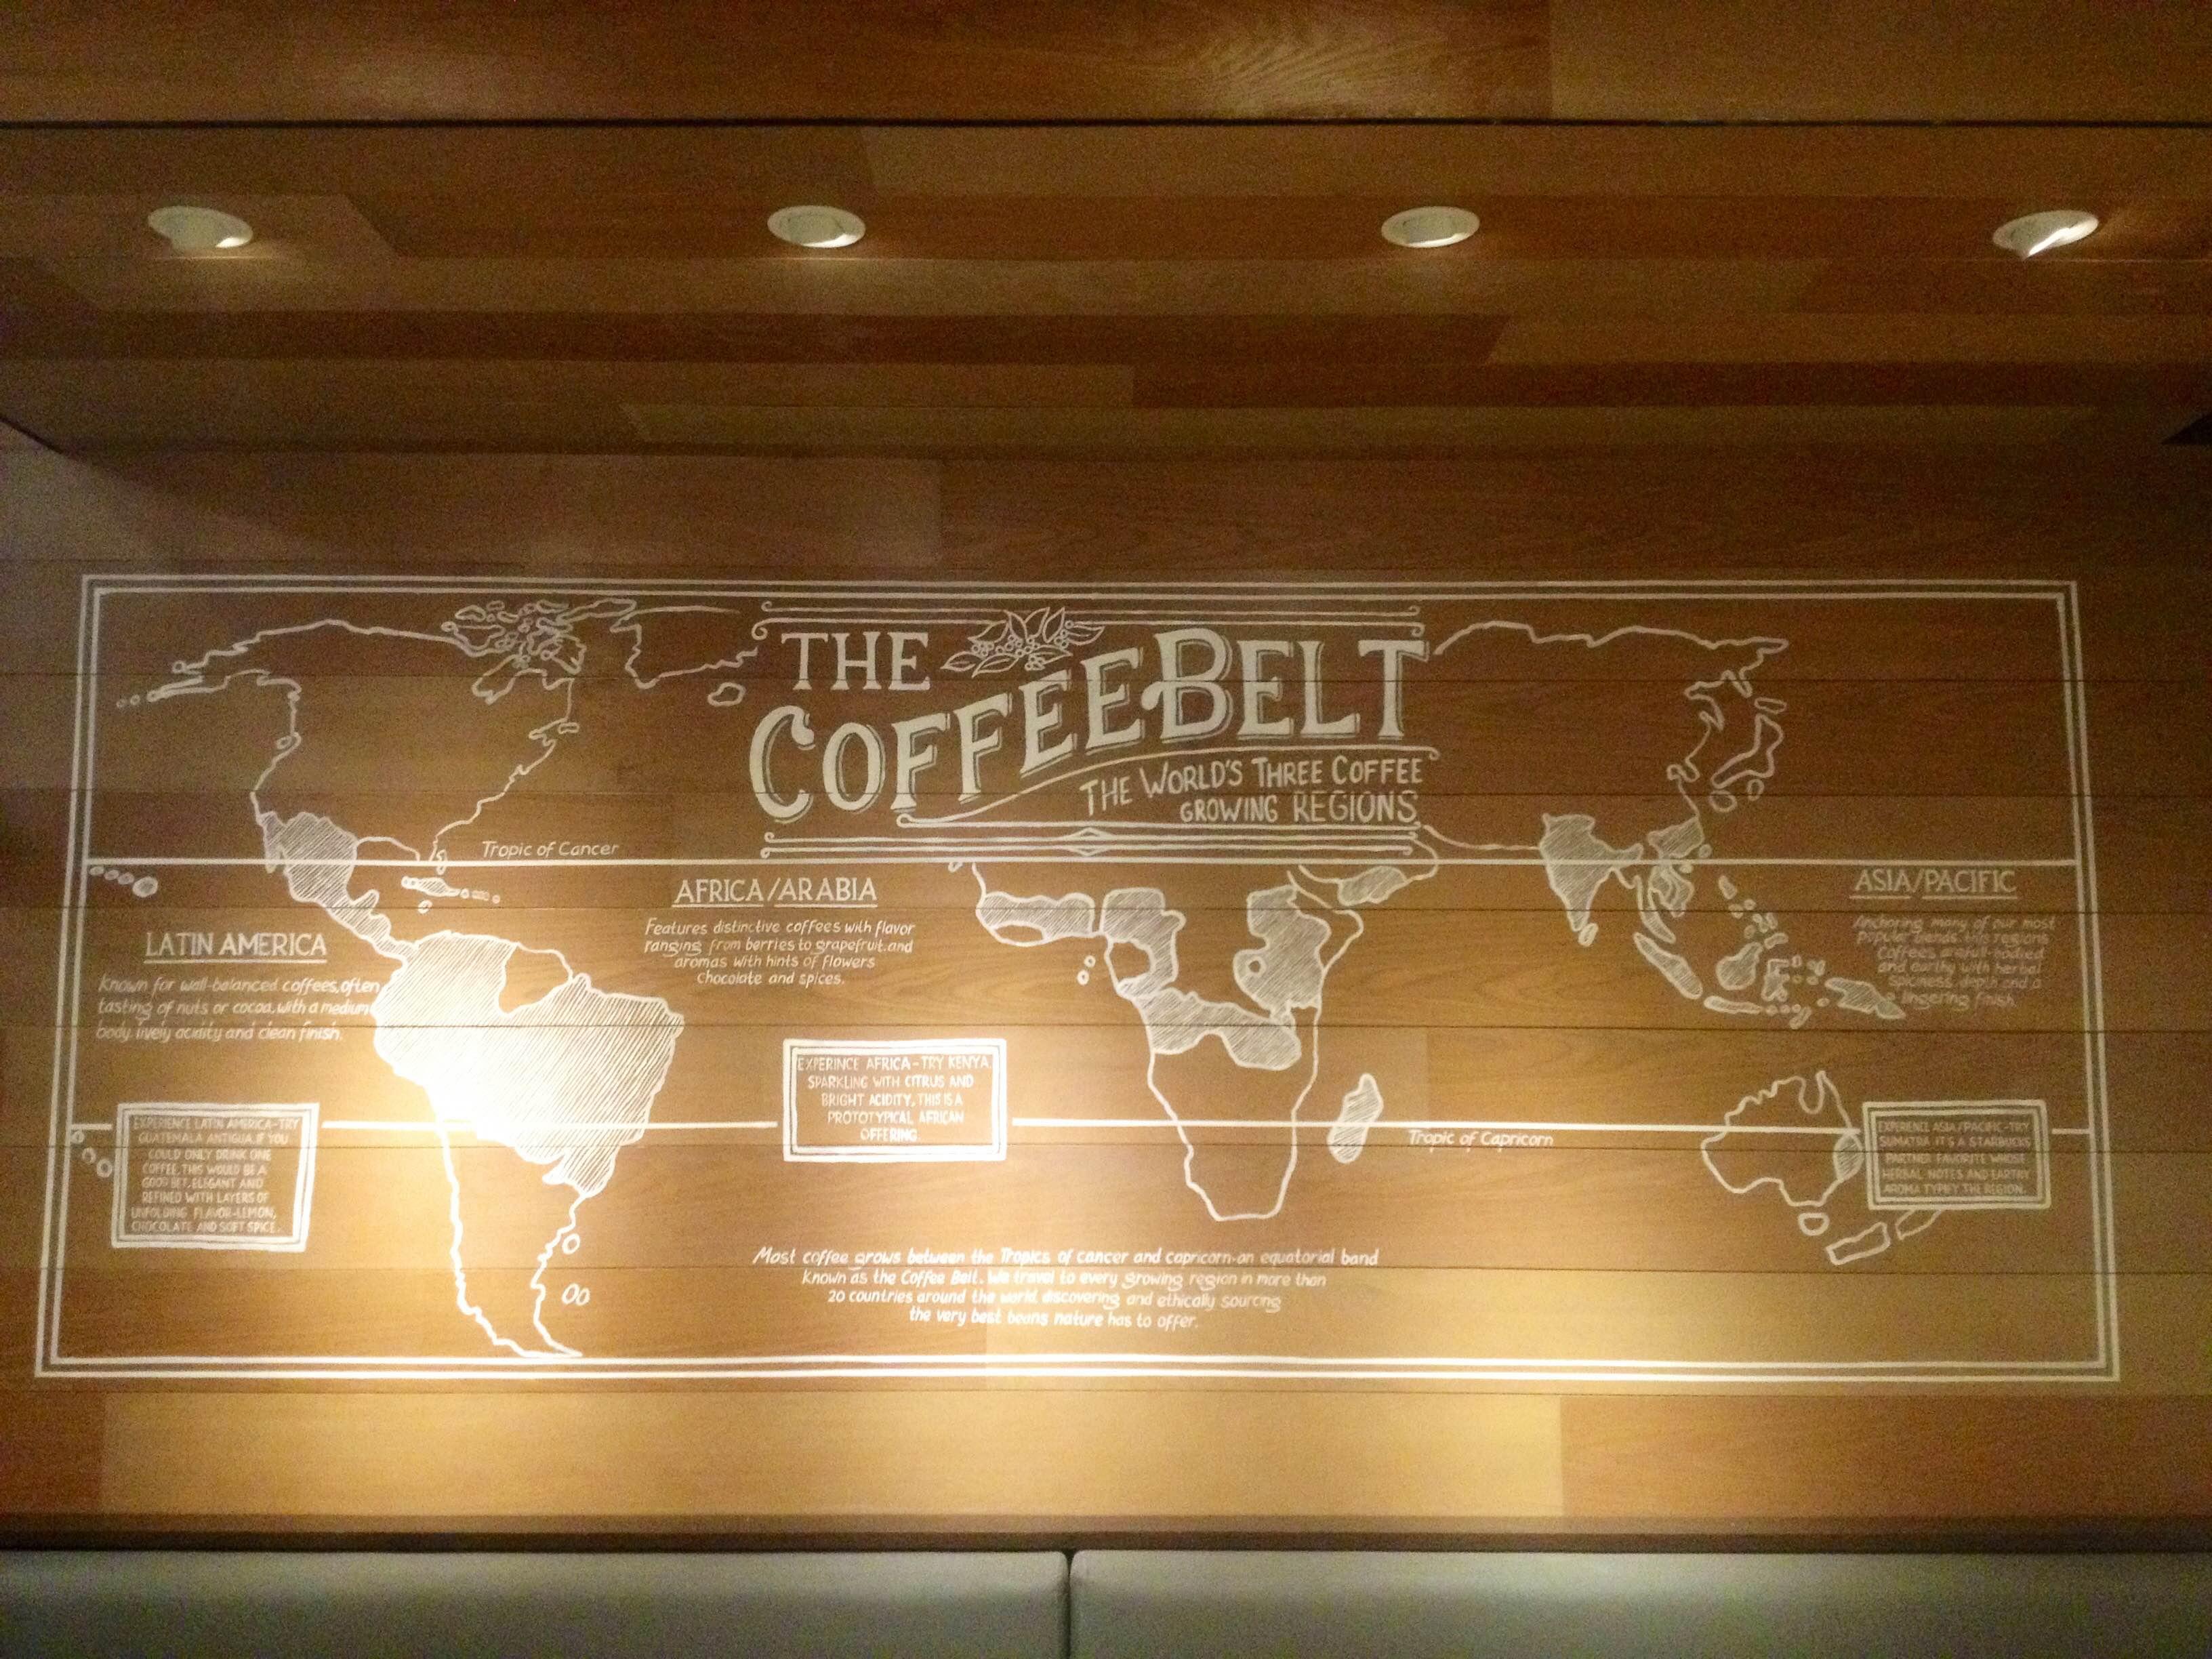 Salah satu mural Gigin Ginanjar di gerai Starbucks Indonesia bertema peta penyebaran biji kopi sedunia termasuk Indonesia.